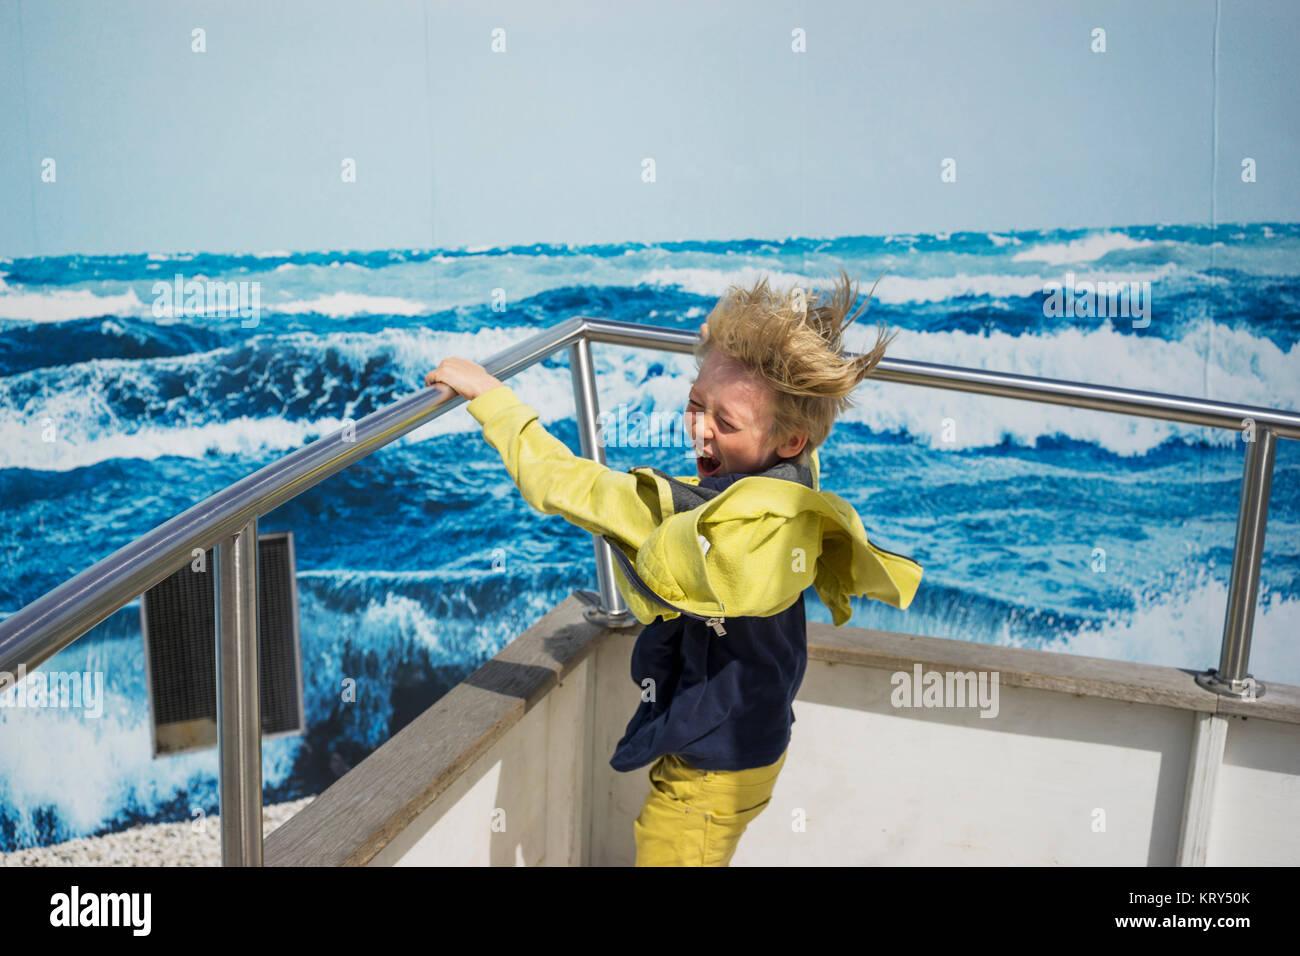 Un giovane ragazzo su una barca in wet weather gear Immagini Stock